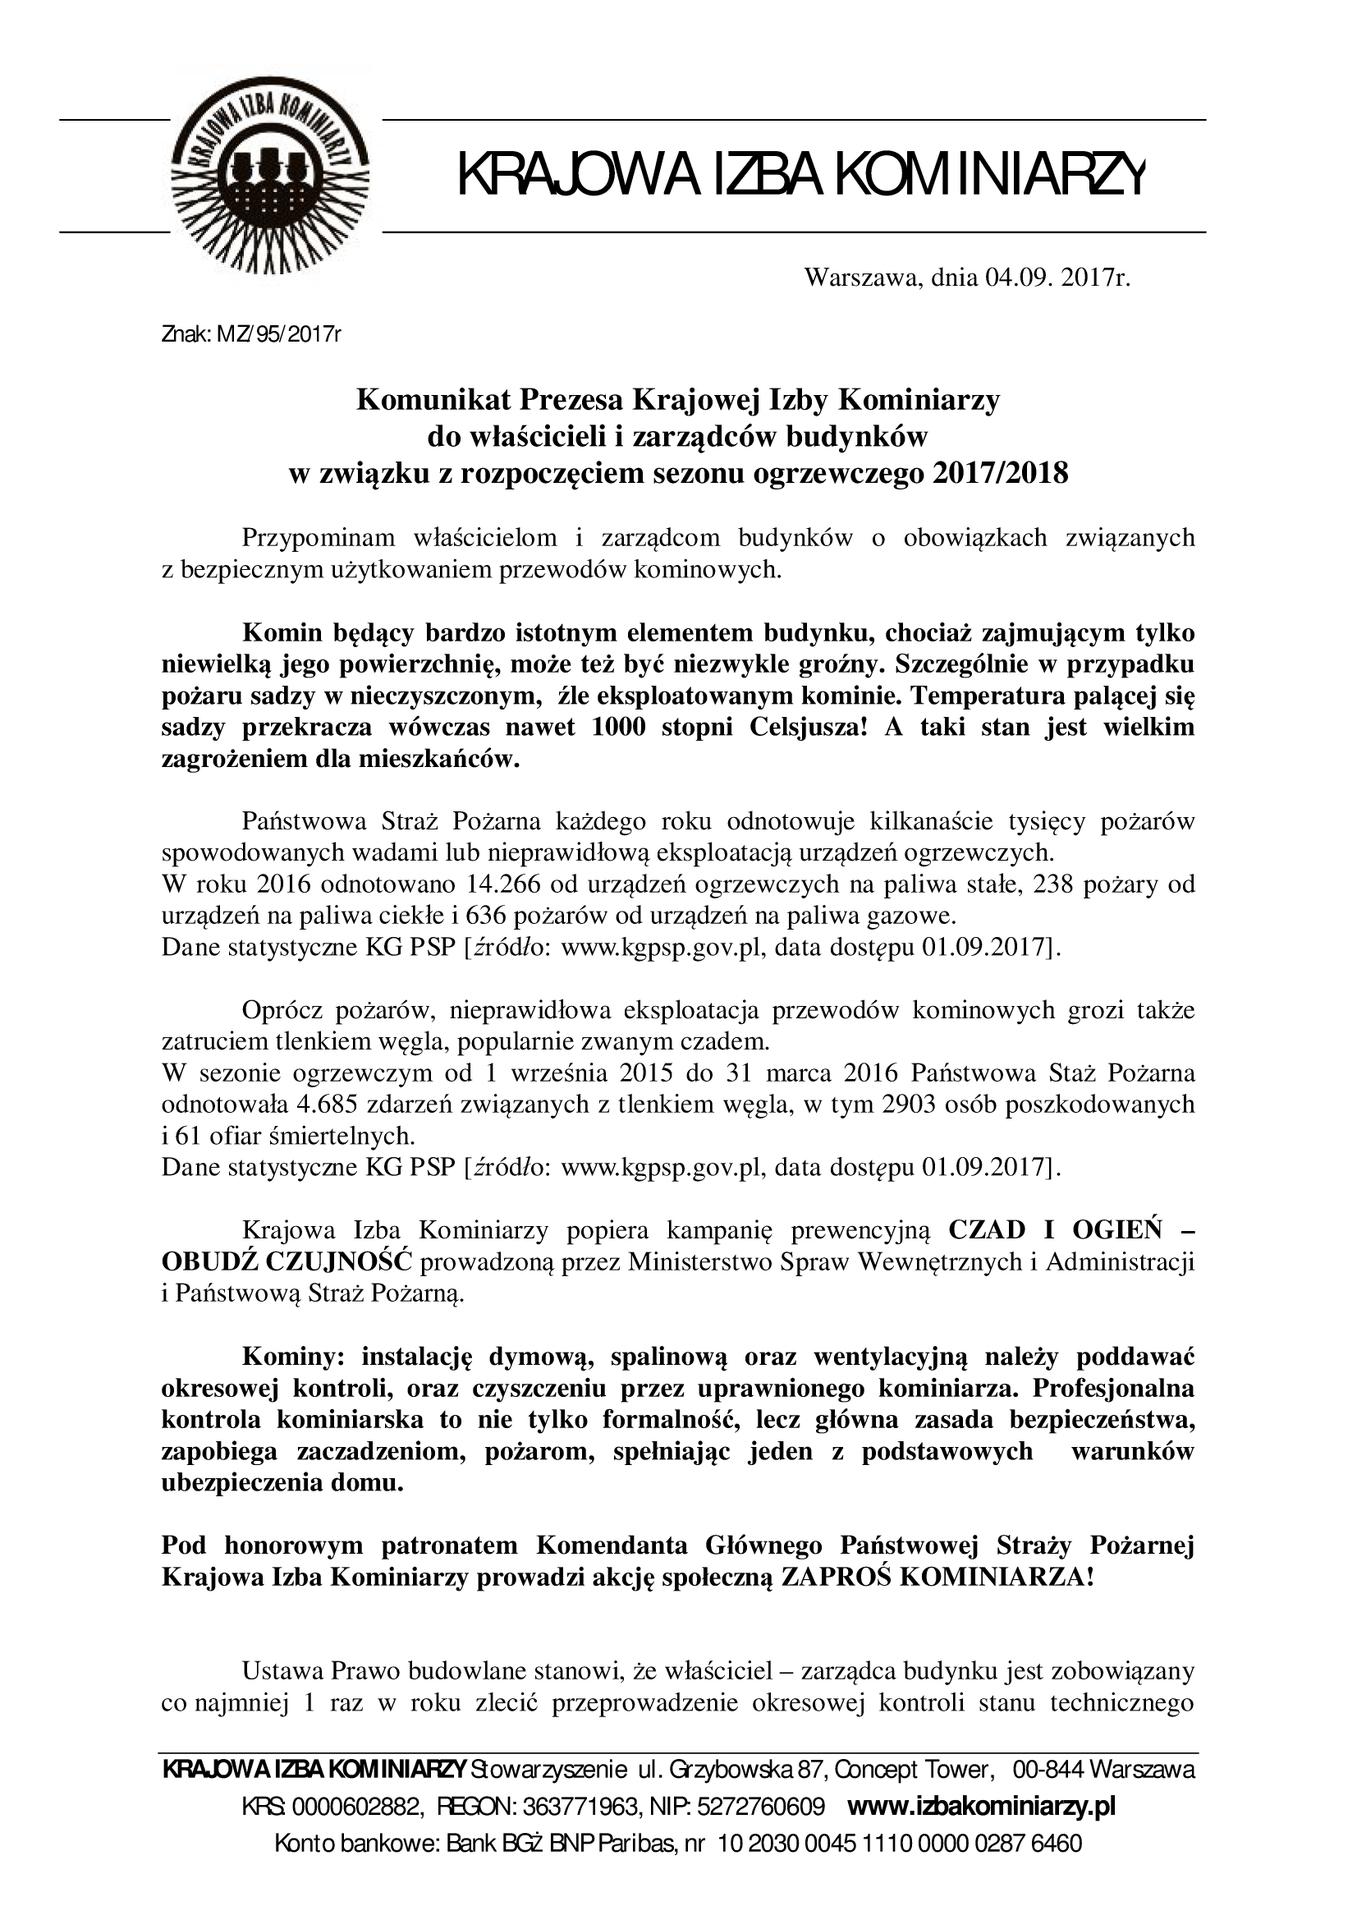 Komunikat_Prezesa_Krajowej_Izby_Kominiarzy_2017-1.jpeg